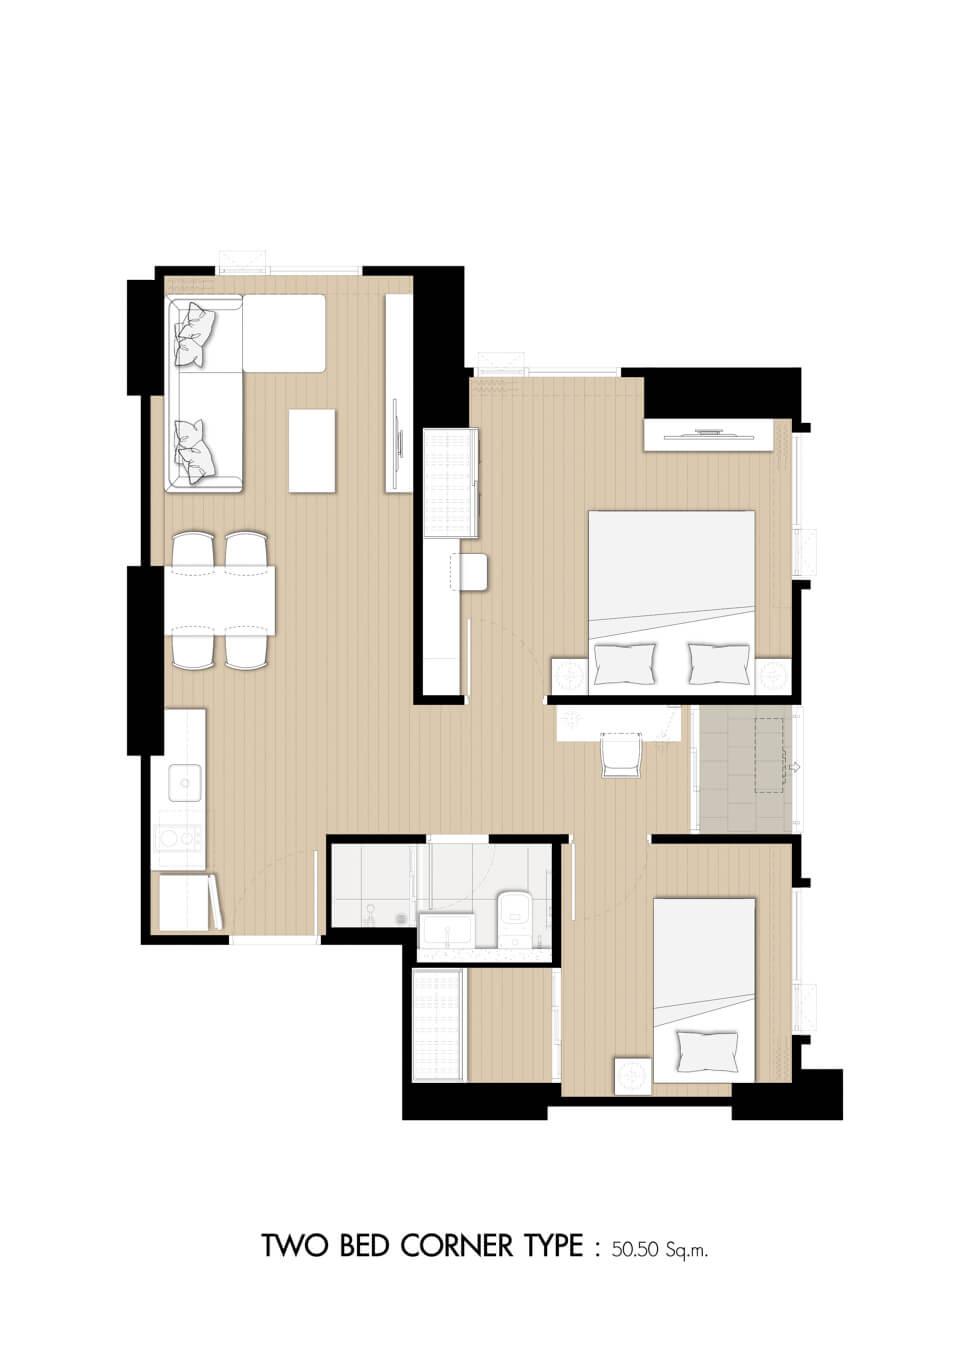 ห้อง 2 Bedroom คอนโด Denim Jatujak